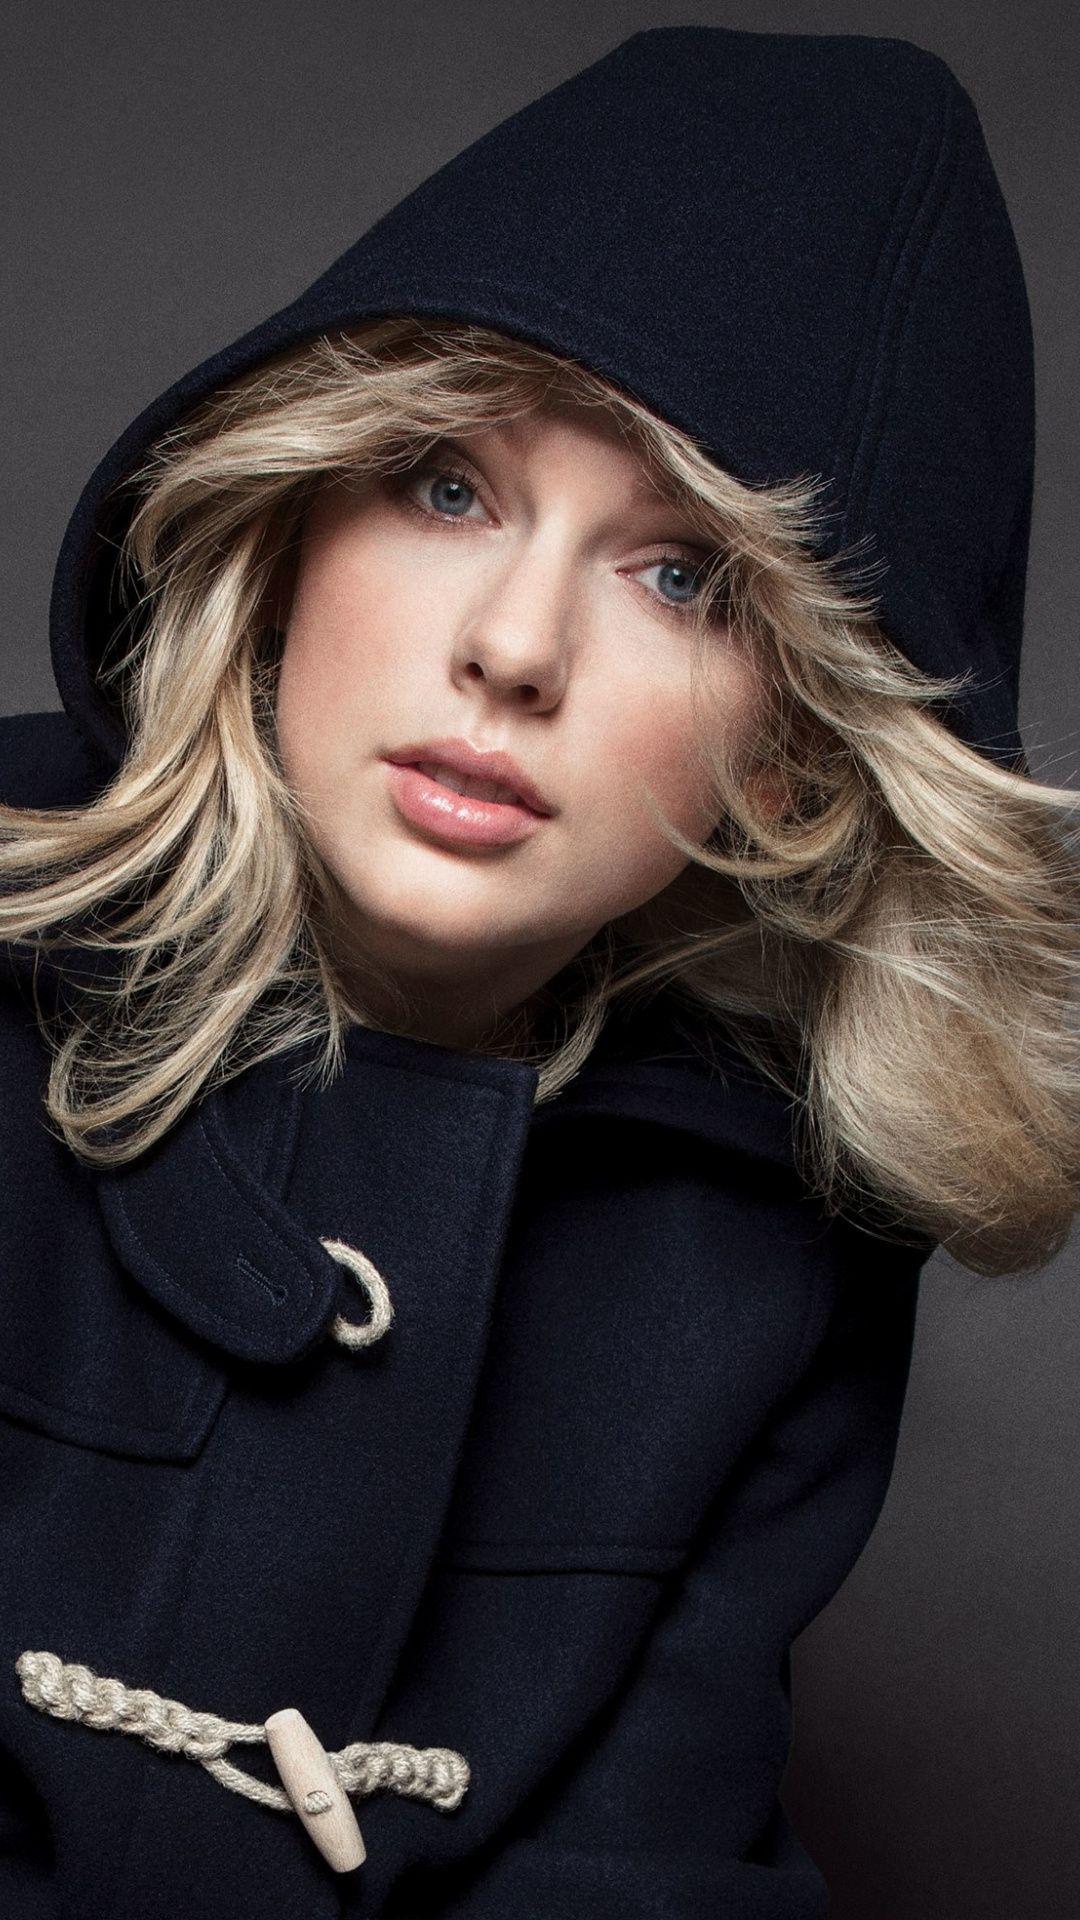 1080x1920 Taylor Swift Vogue September 2019 Wallpaper Taylor Swift Pictures Taylor Swift Cute Taylor Swift Hot